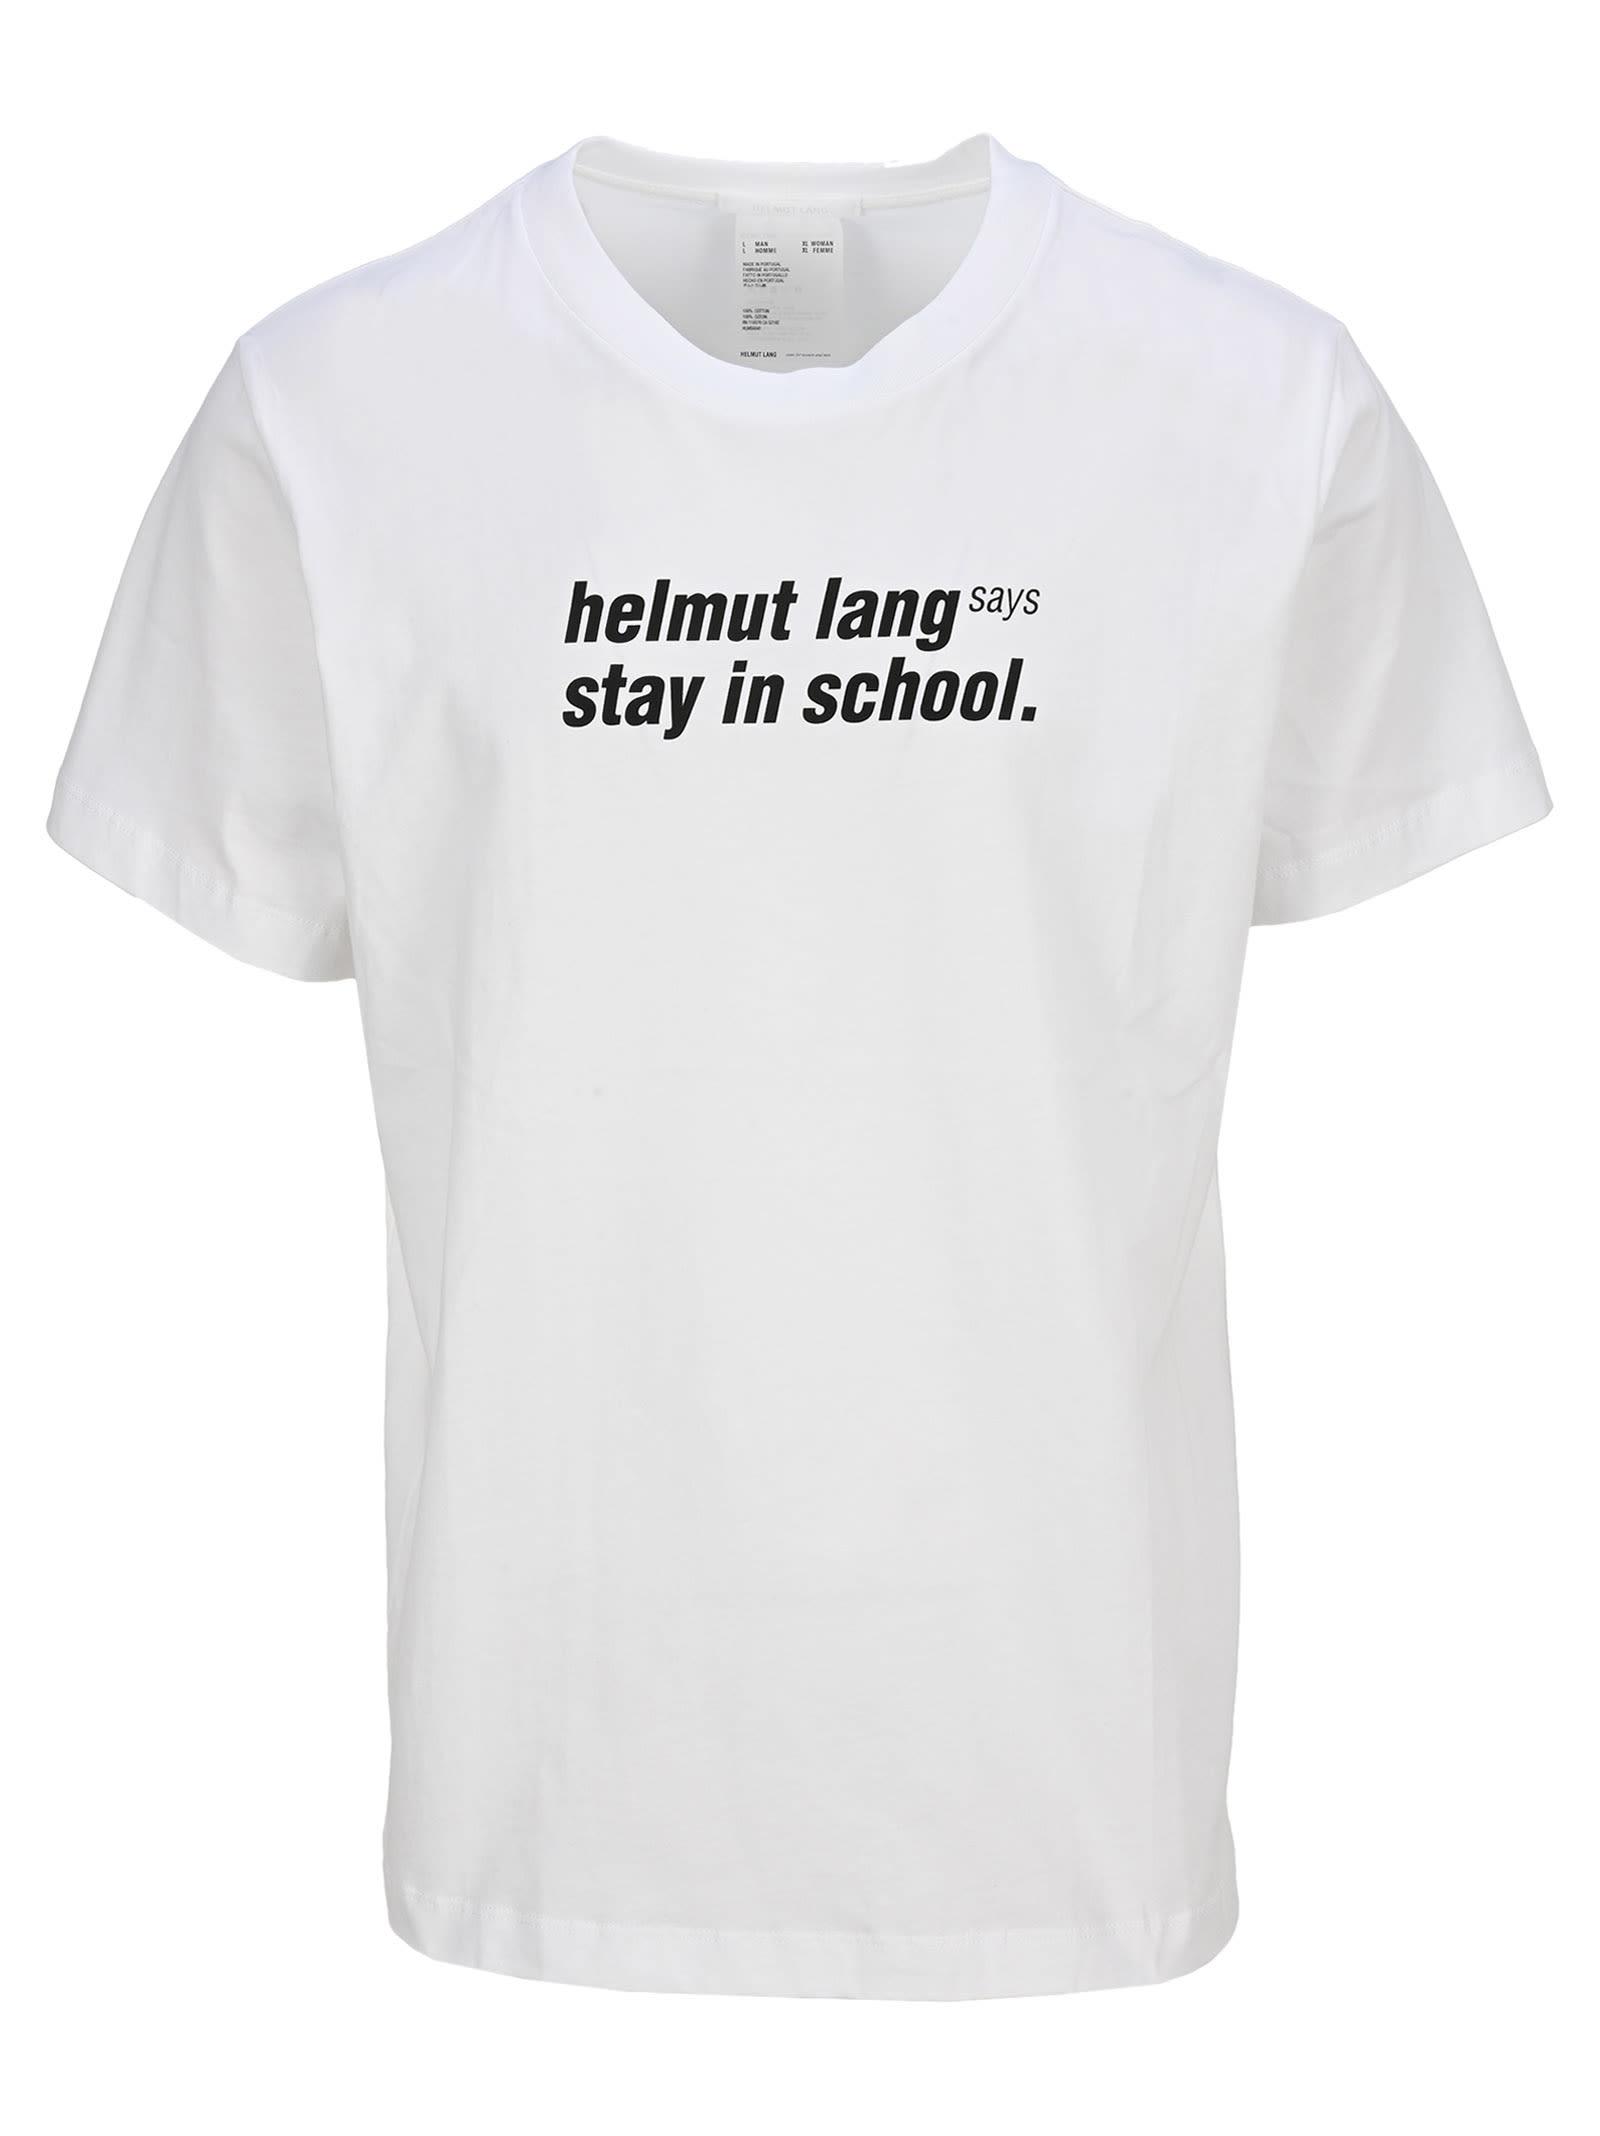 Helmut Lang School Tee